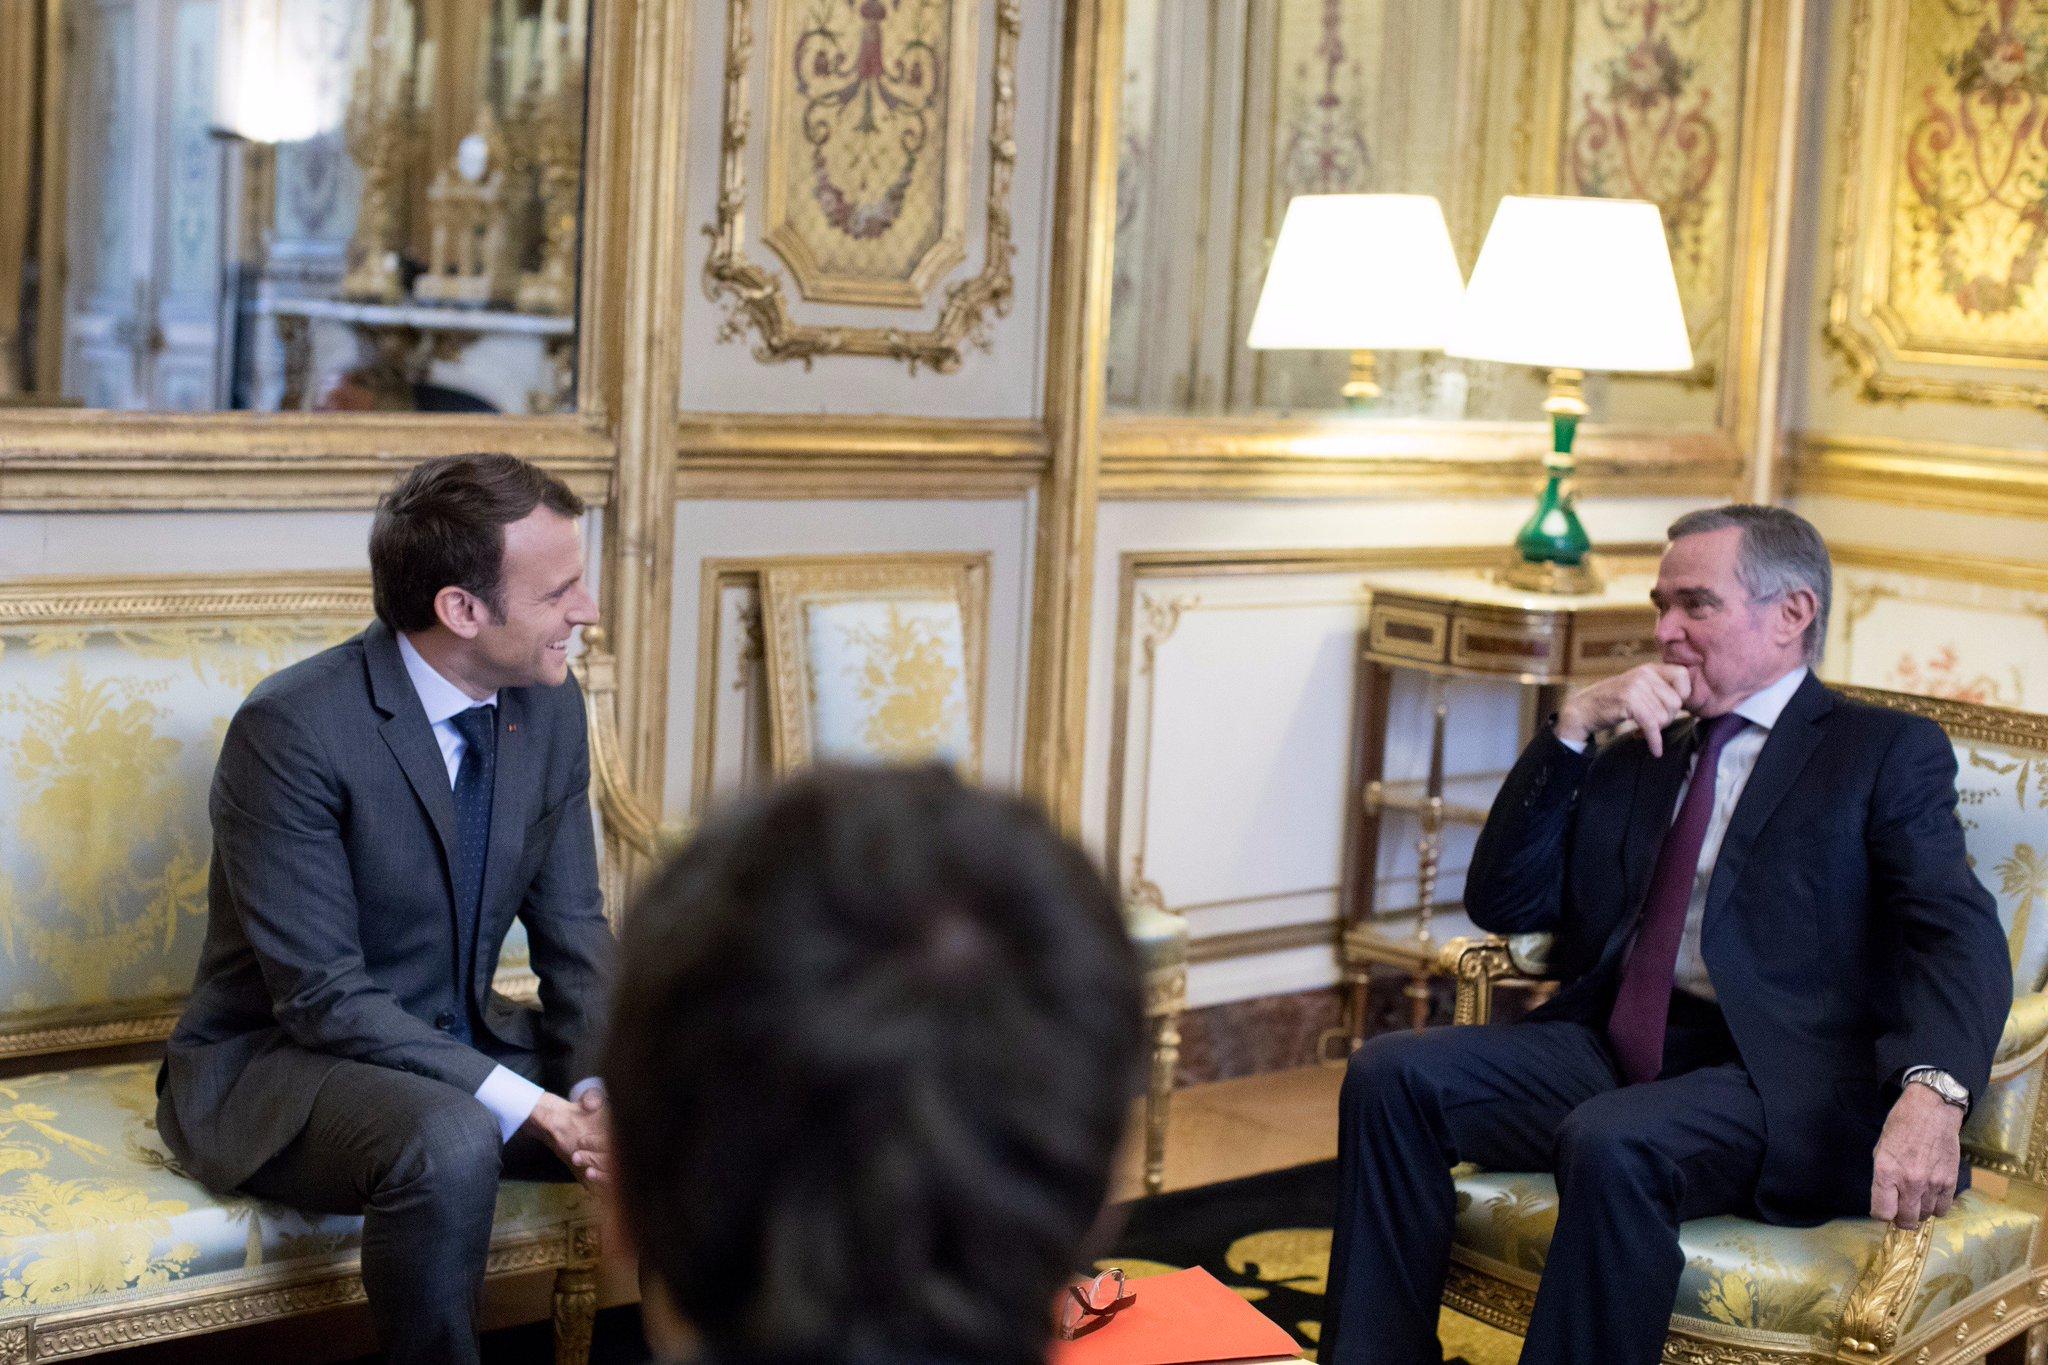 Avec @BernardAccoyer, Secrétaire général des Républicains. https://t.co/AtlukkdGuR